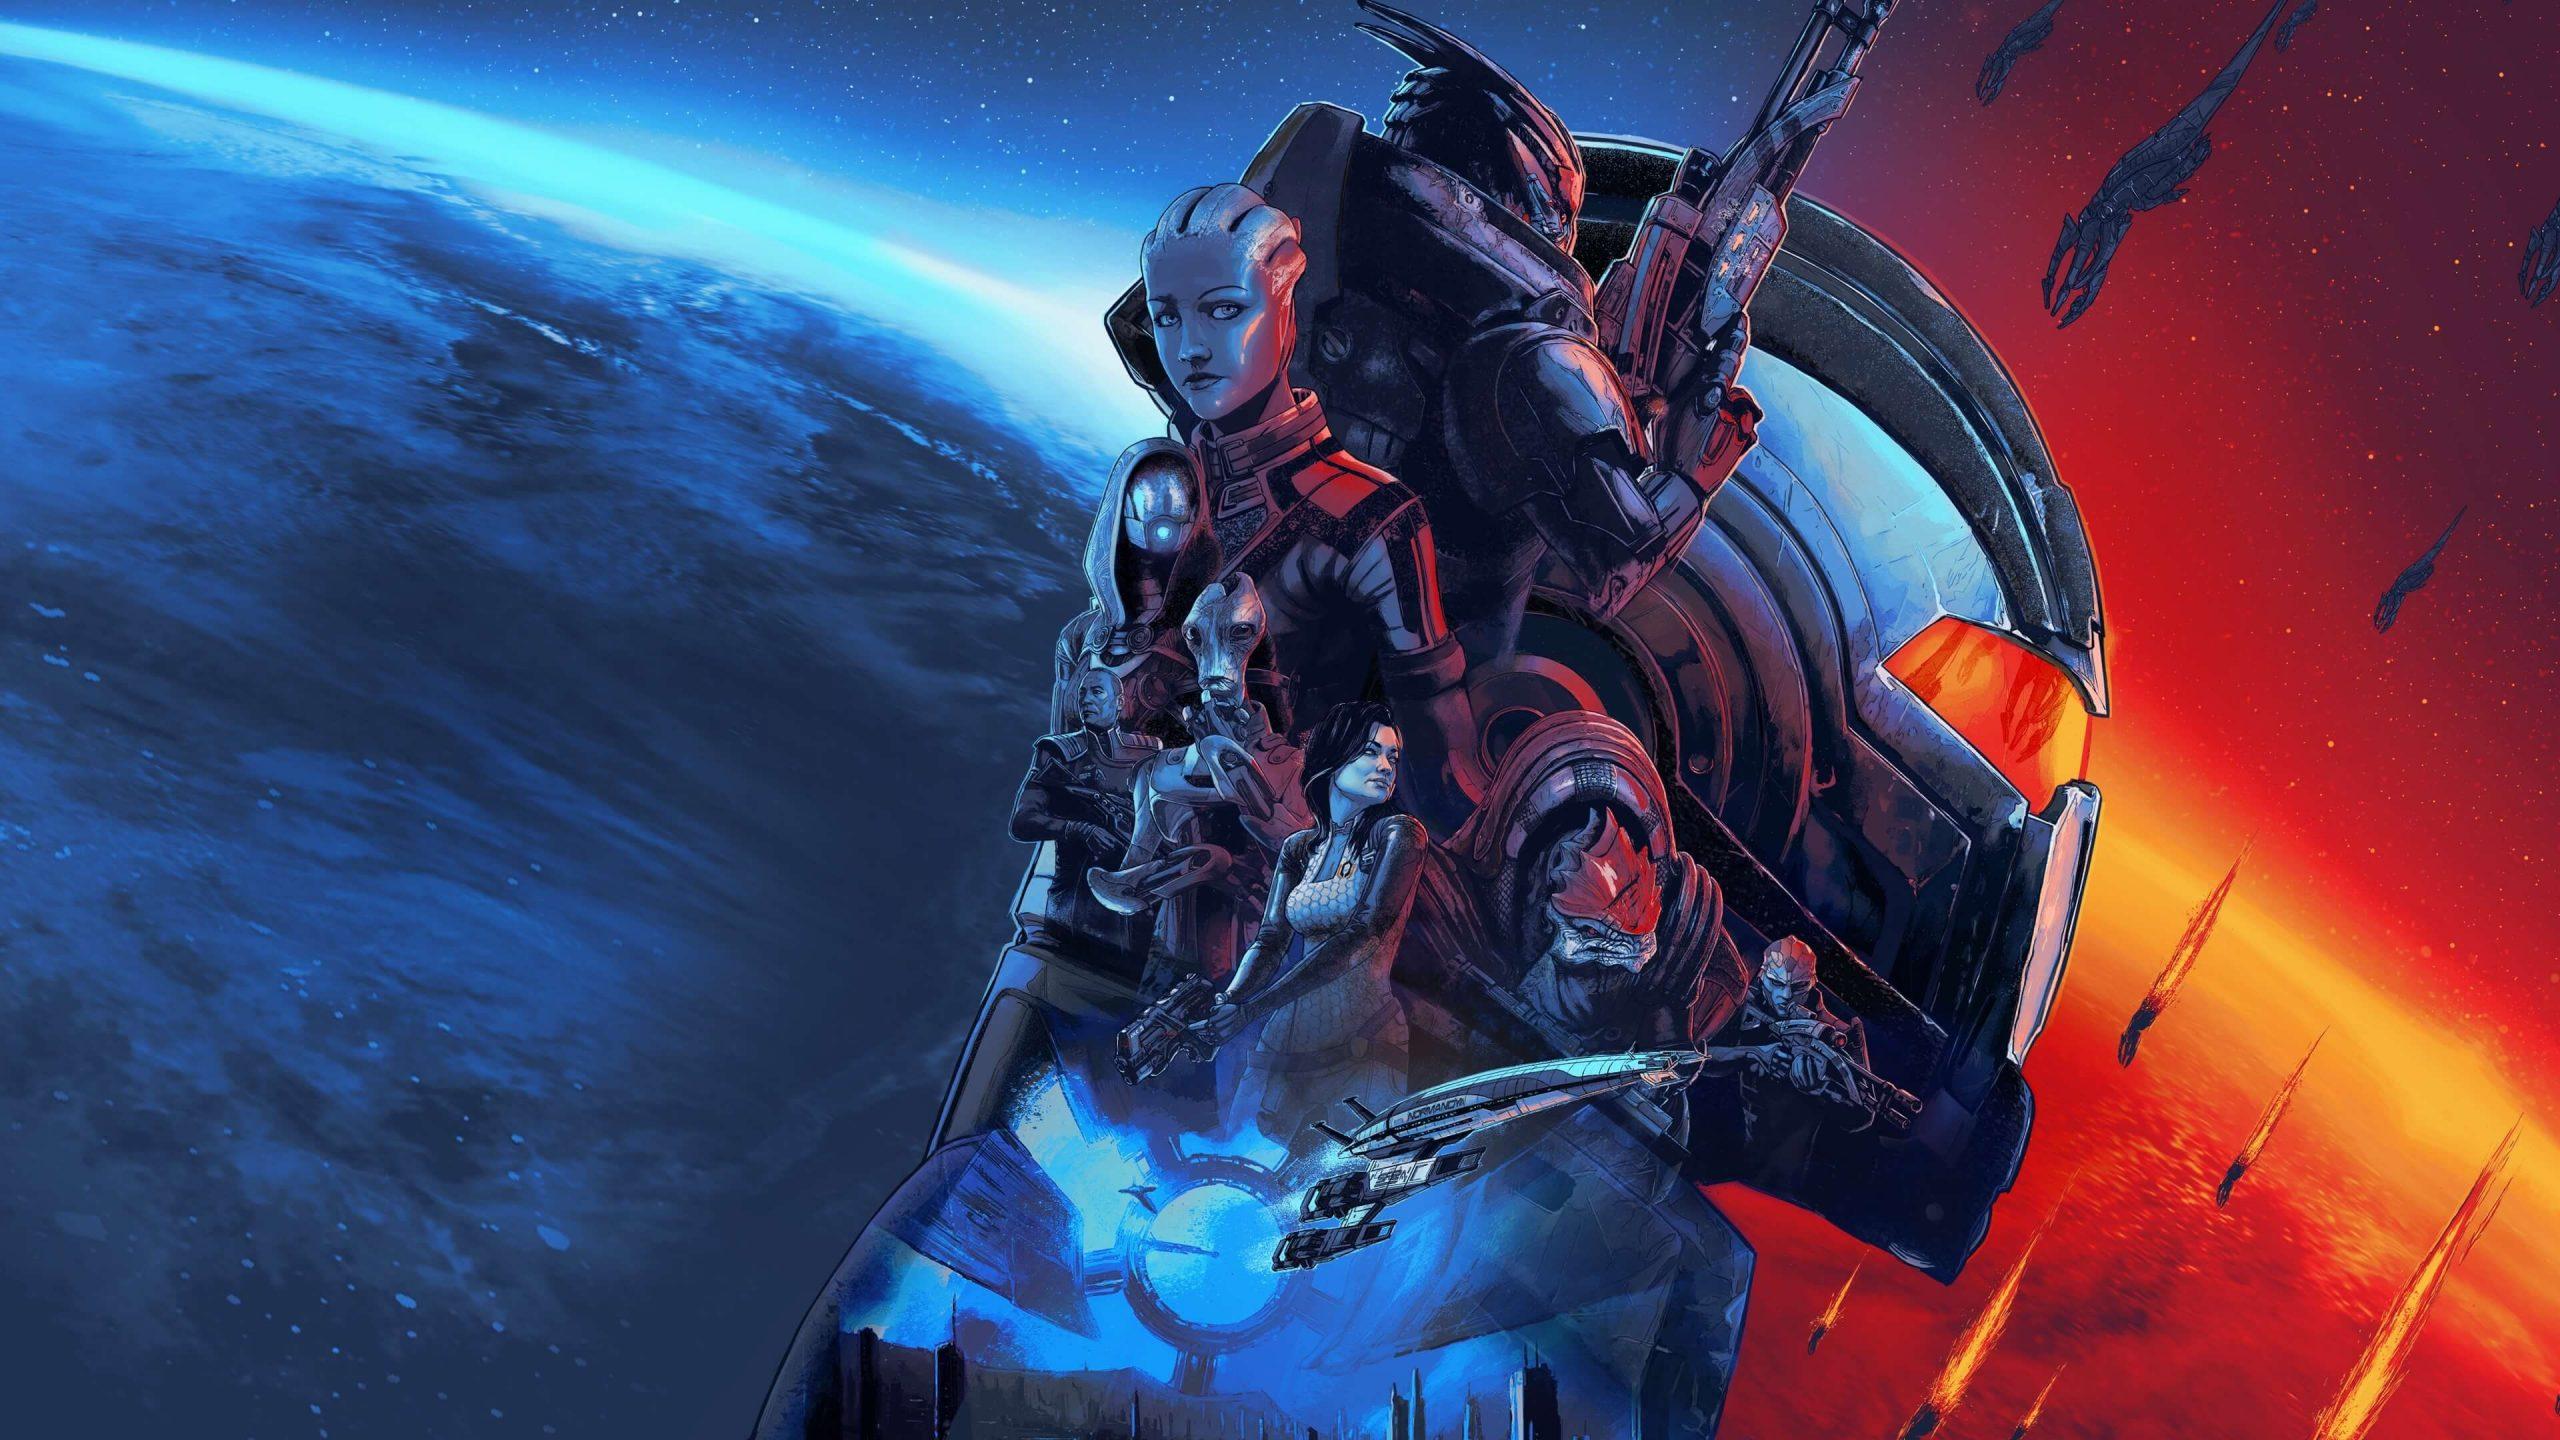 Key Art For Mass Effect: Legendary Edition